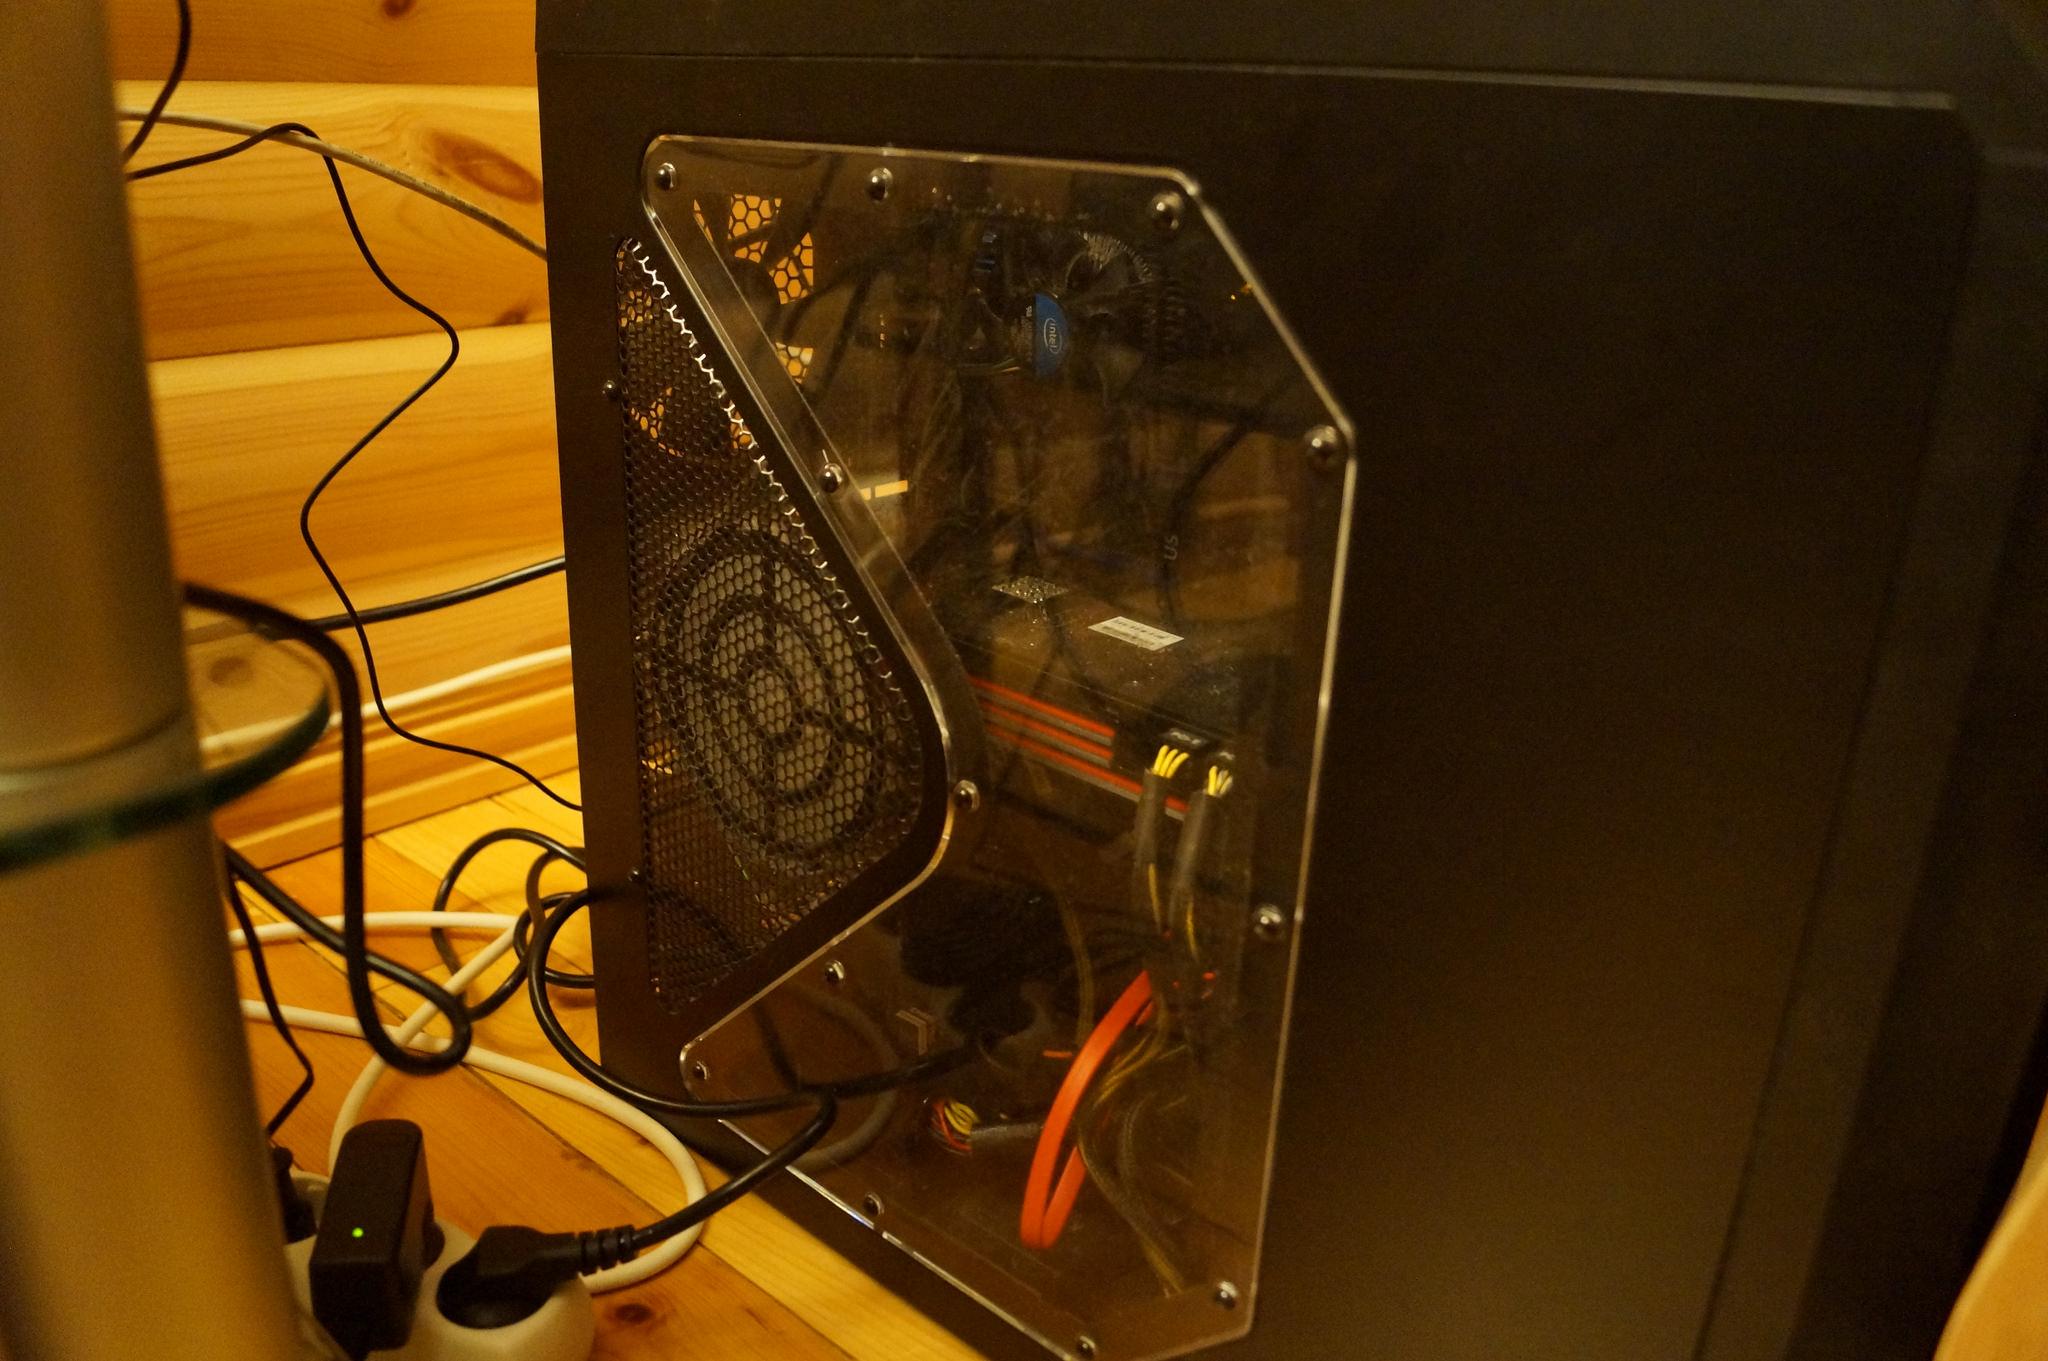 Denne PC-en er blant beslagene KRIPOS har gjort.